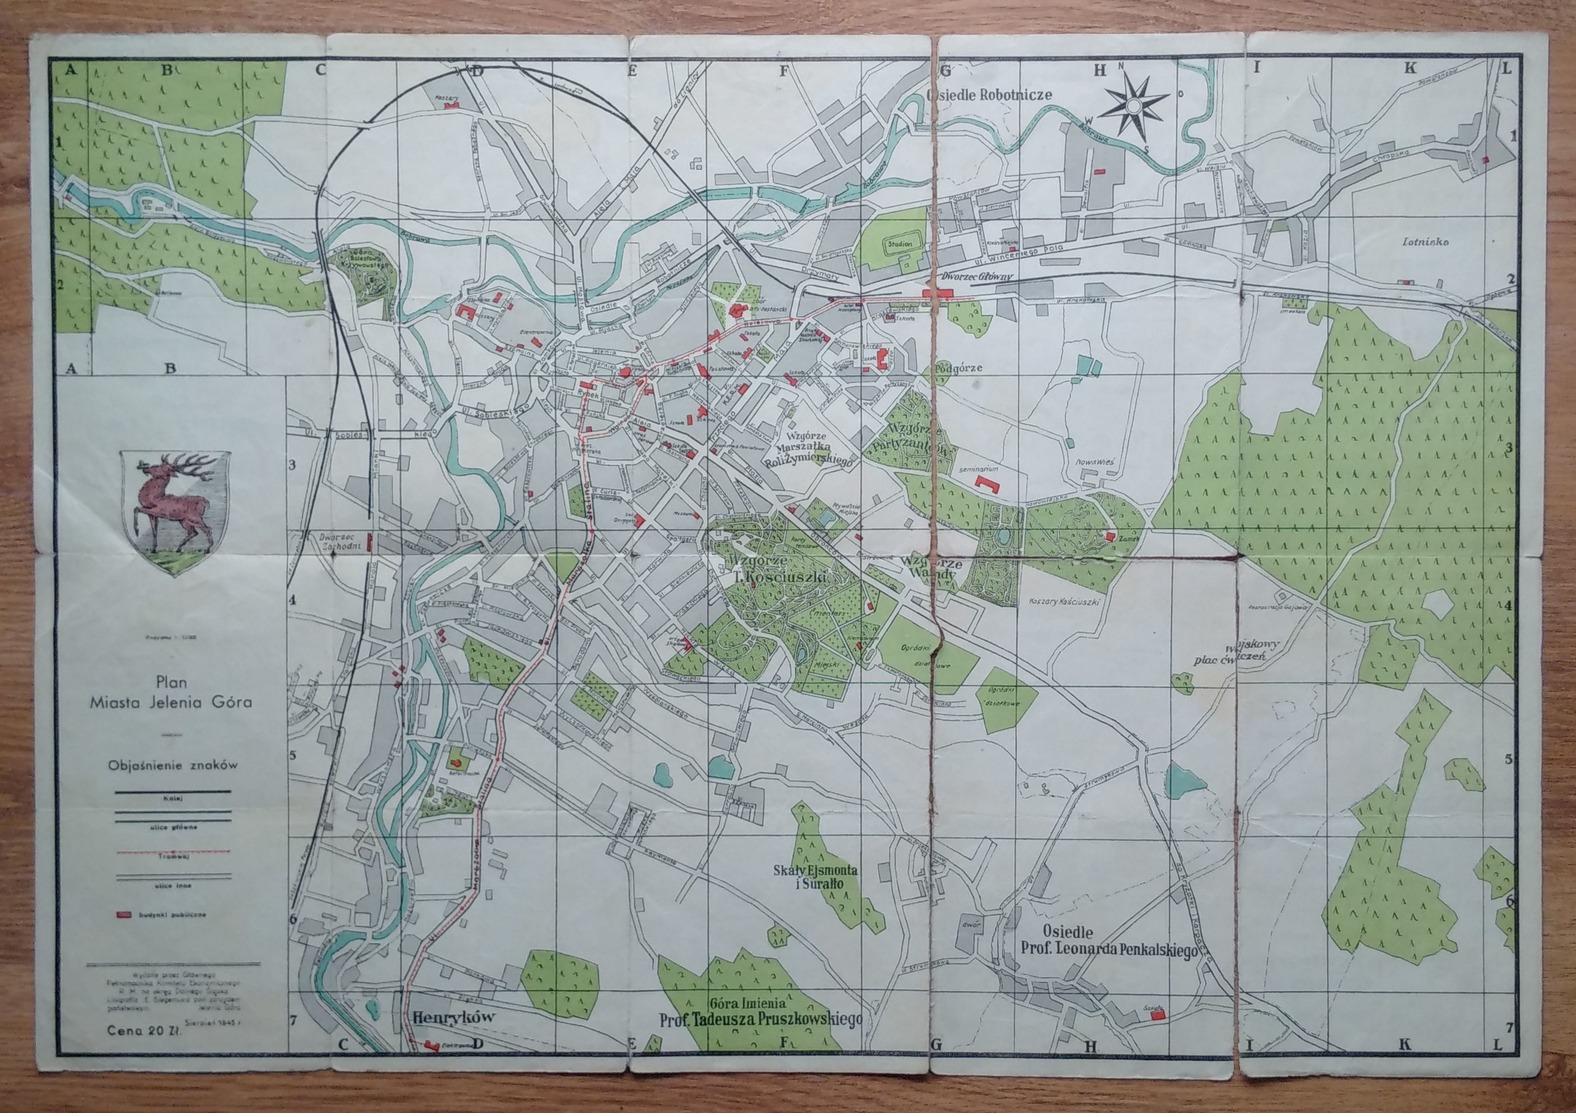 Poland Pologne Polen Jelenia Gora Hirschberg City Map Carte De La Ville Stadtkarte 1945 - Karten